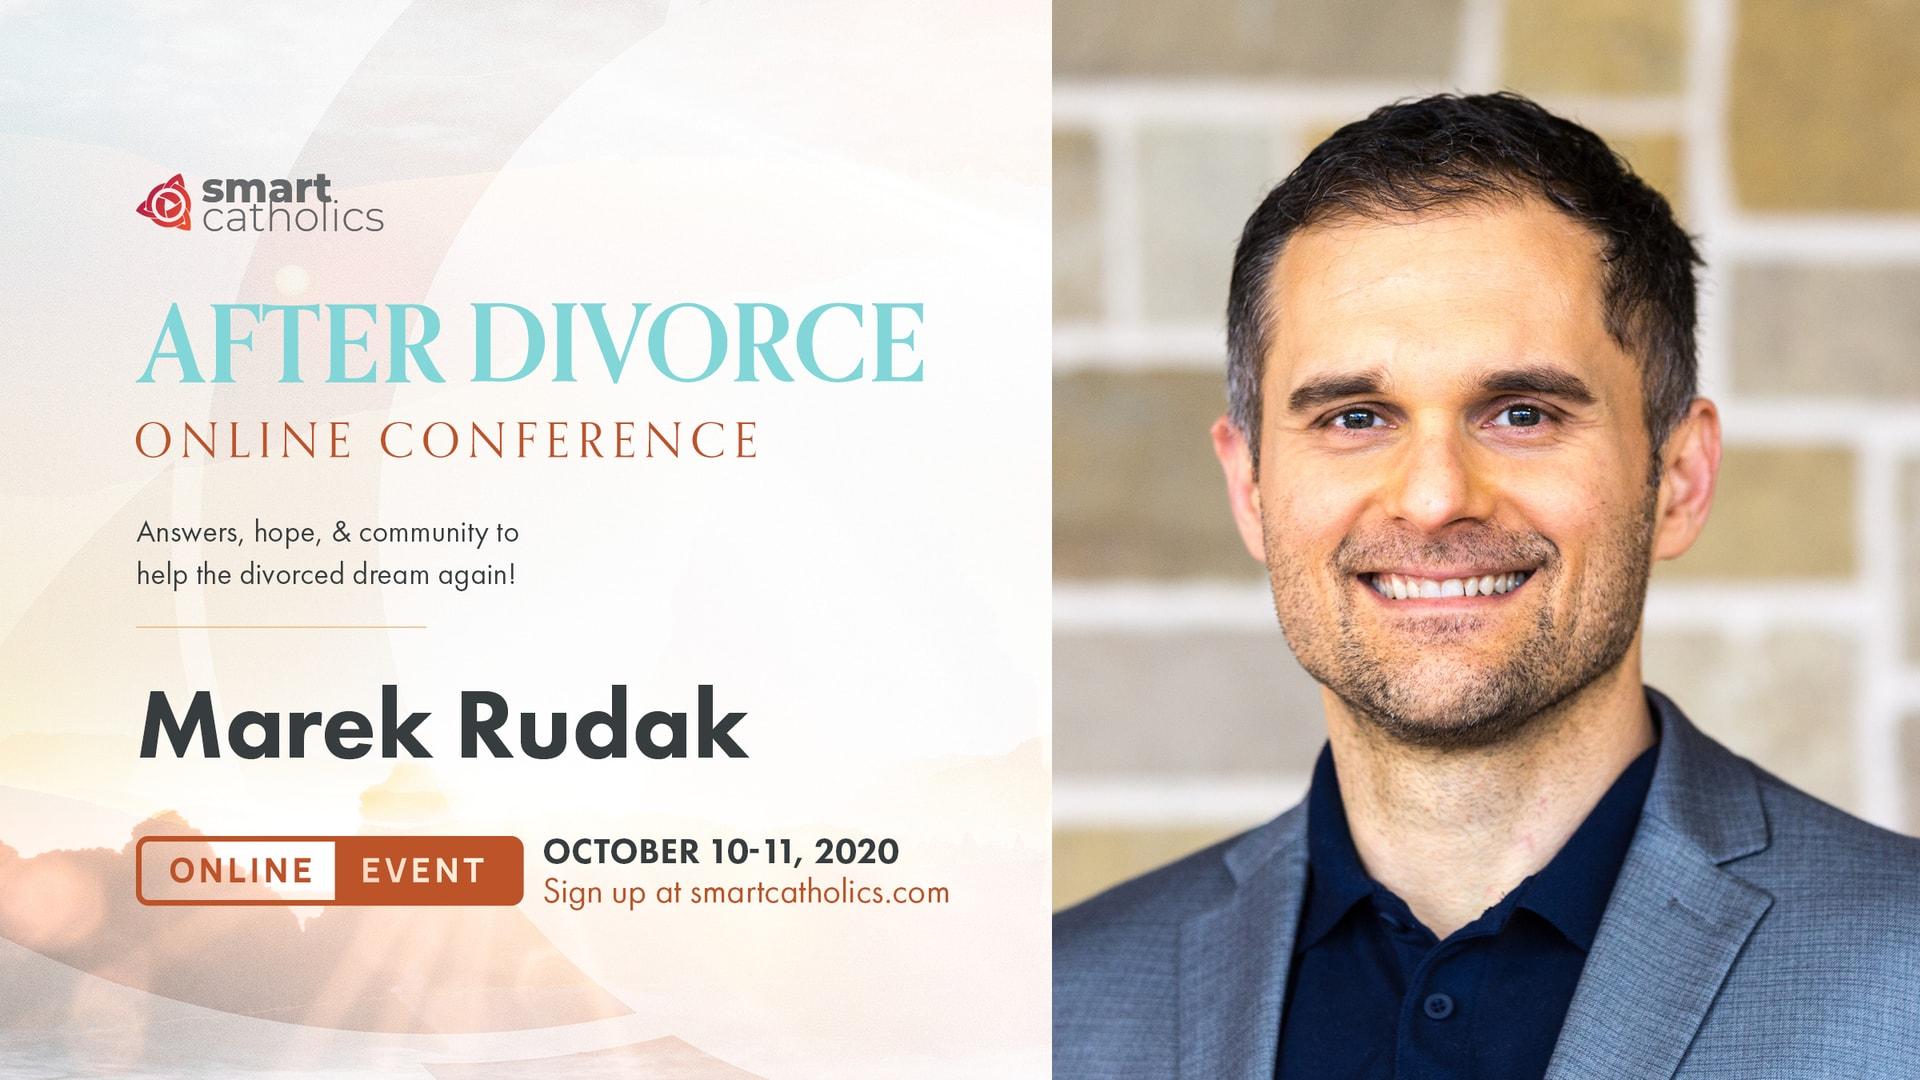 Marek Rudak - 'After Divorce' 2020 Conference